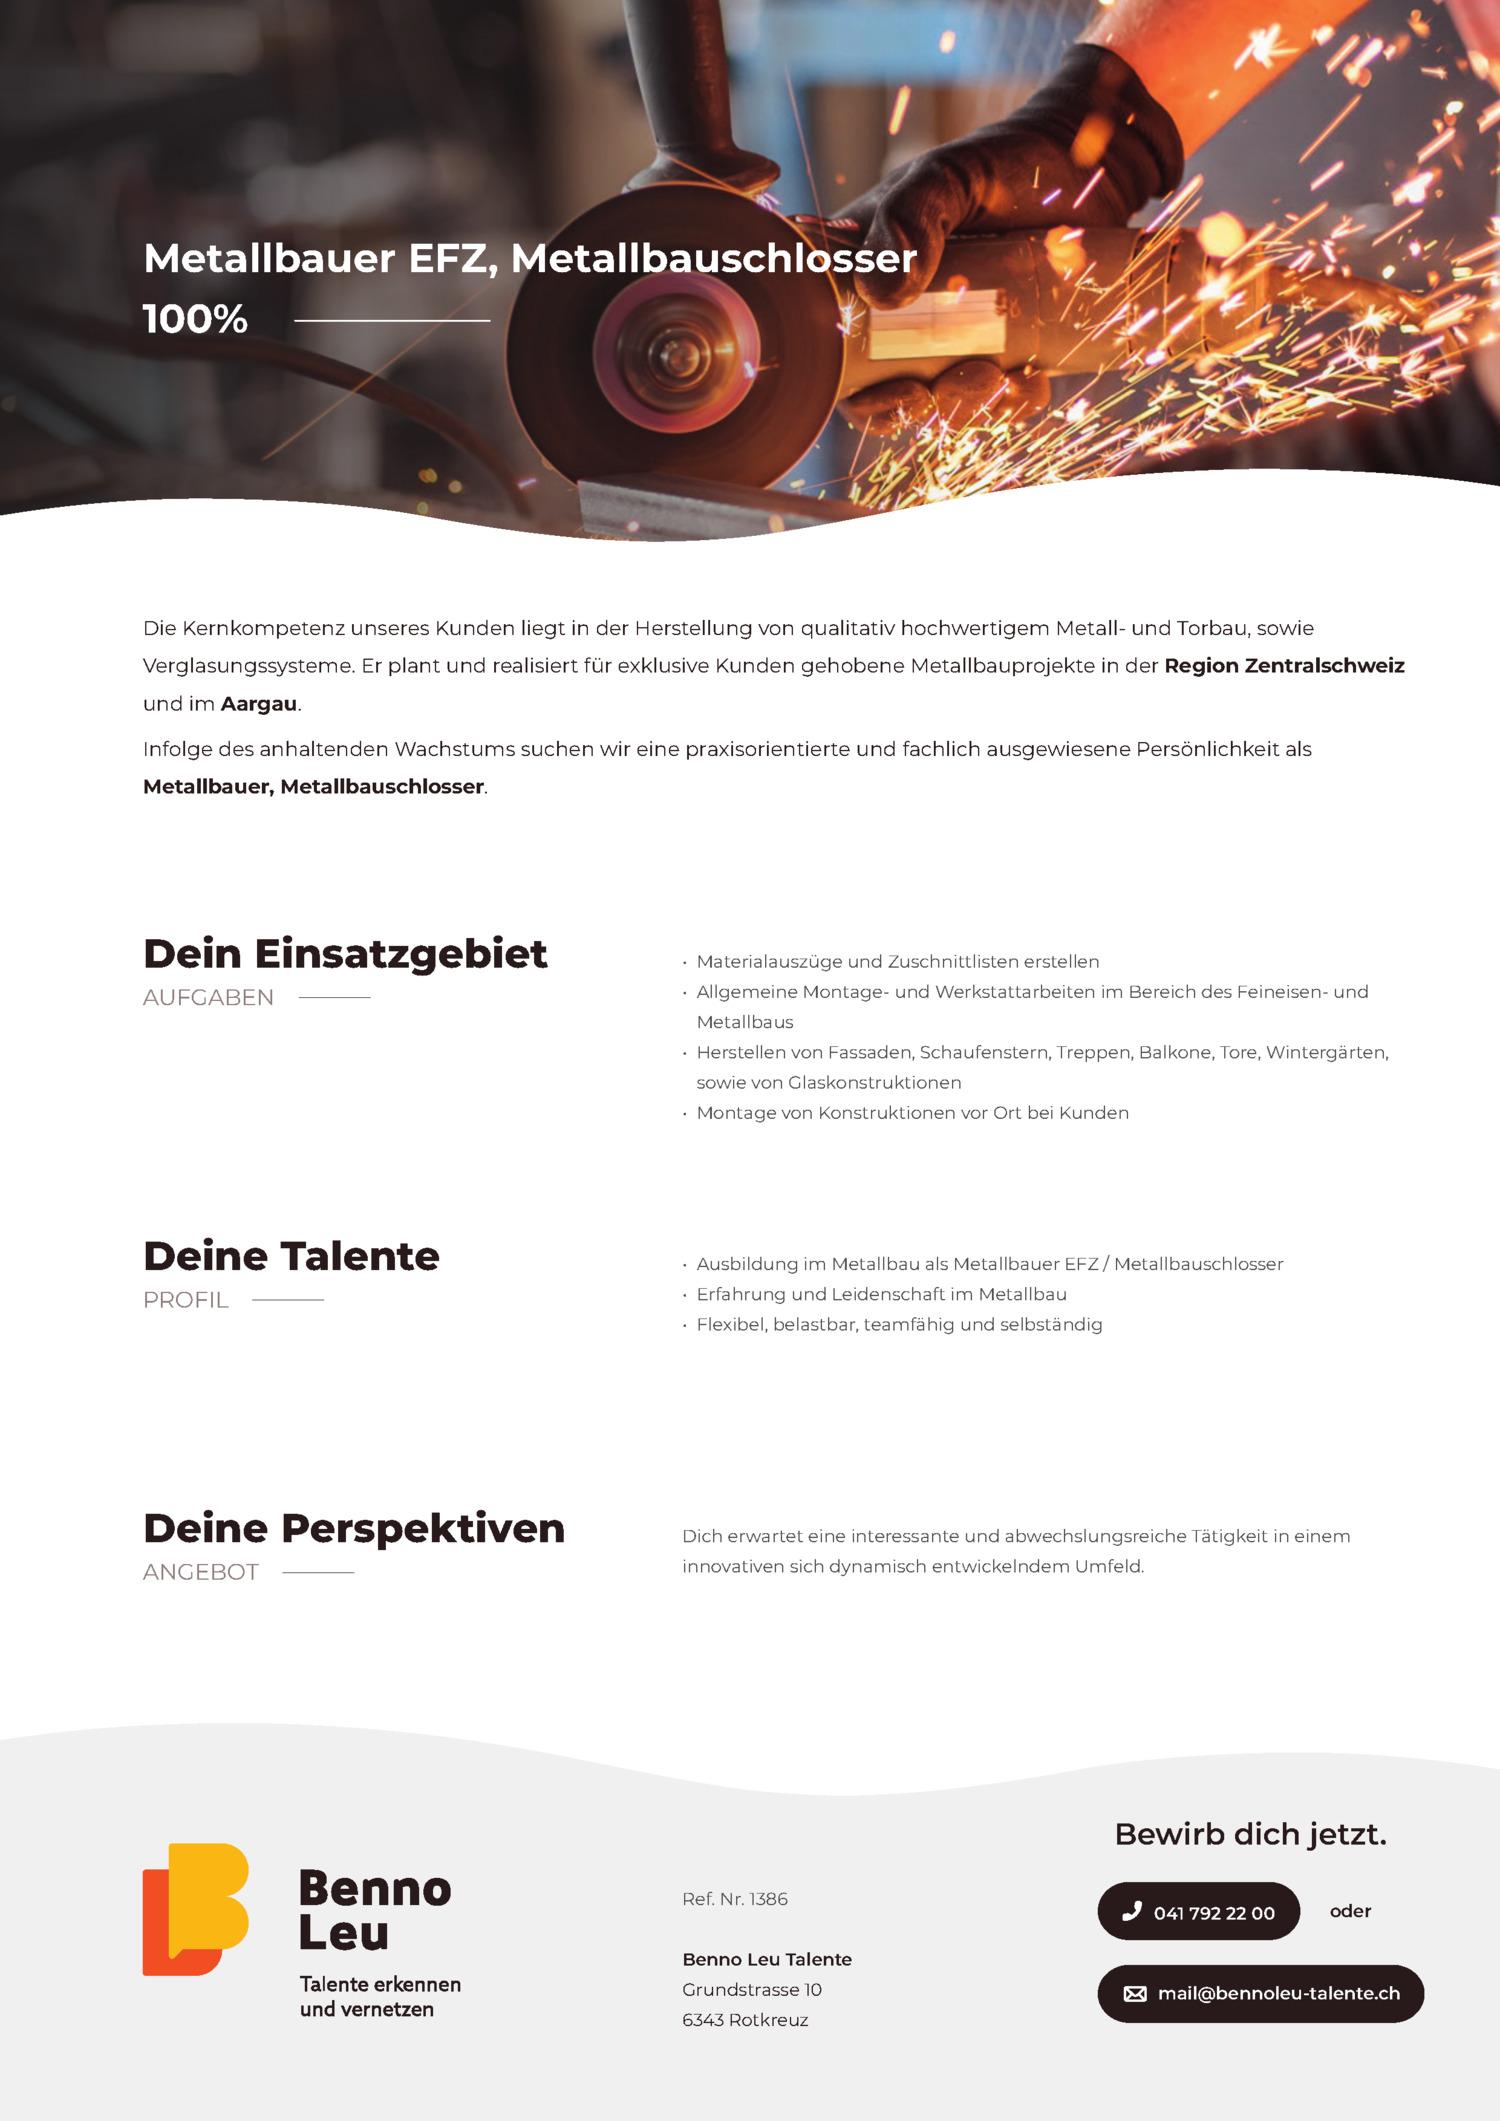 Inserat Metallbauer EFZ, Metallbauschlosser